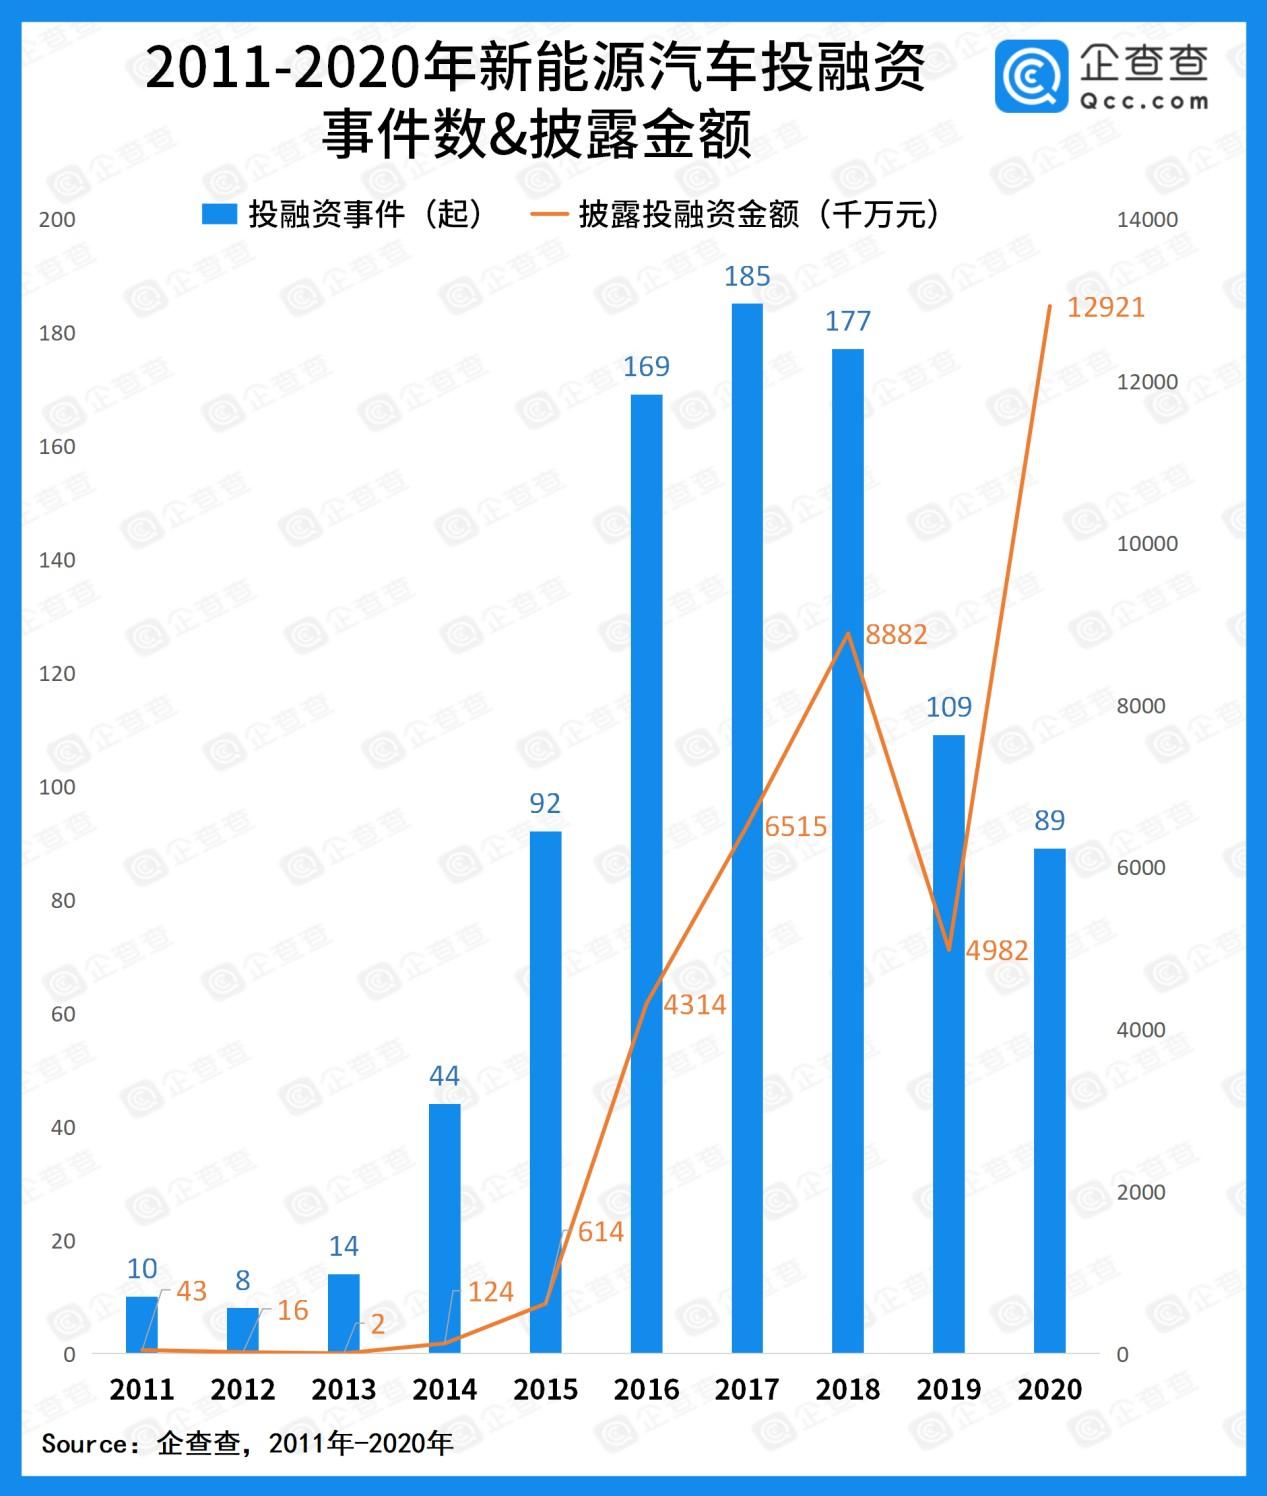 2011到2020年新能源汽车行业融资超过千亿元